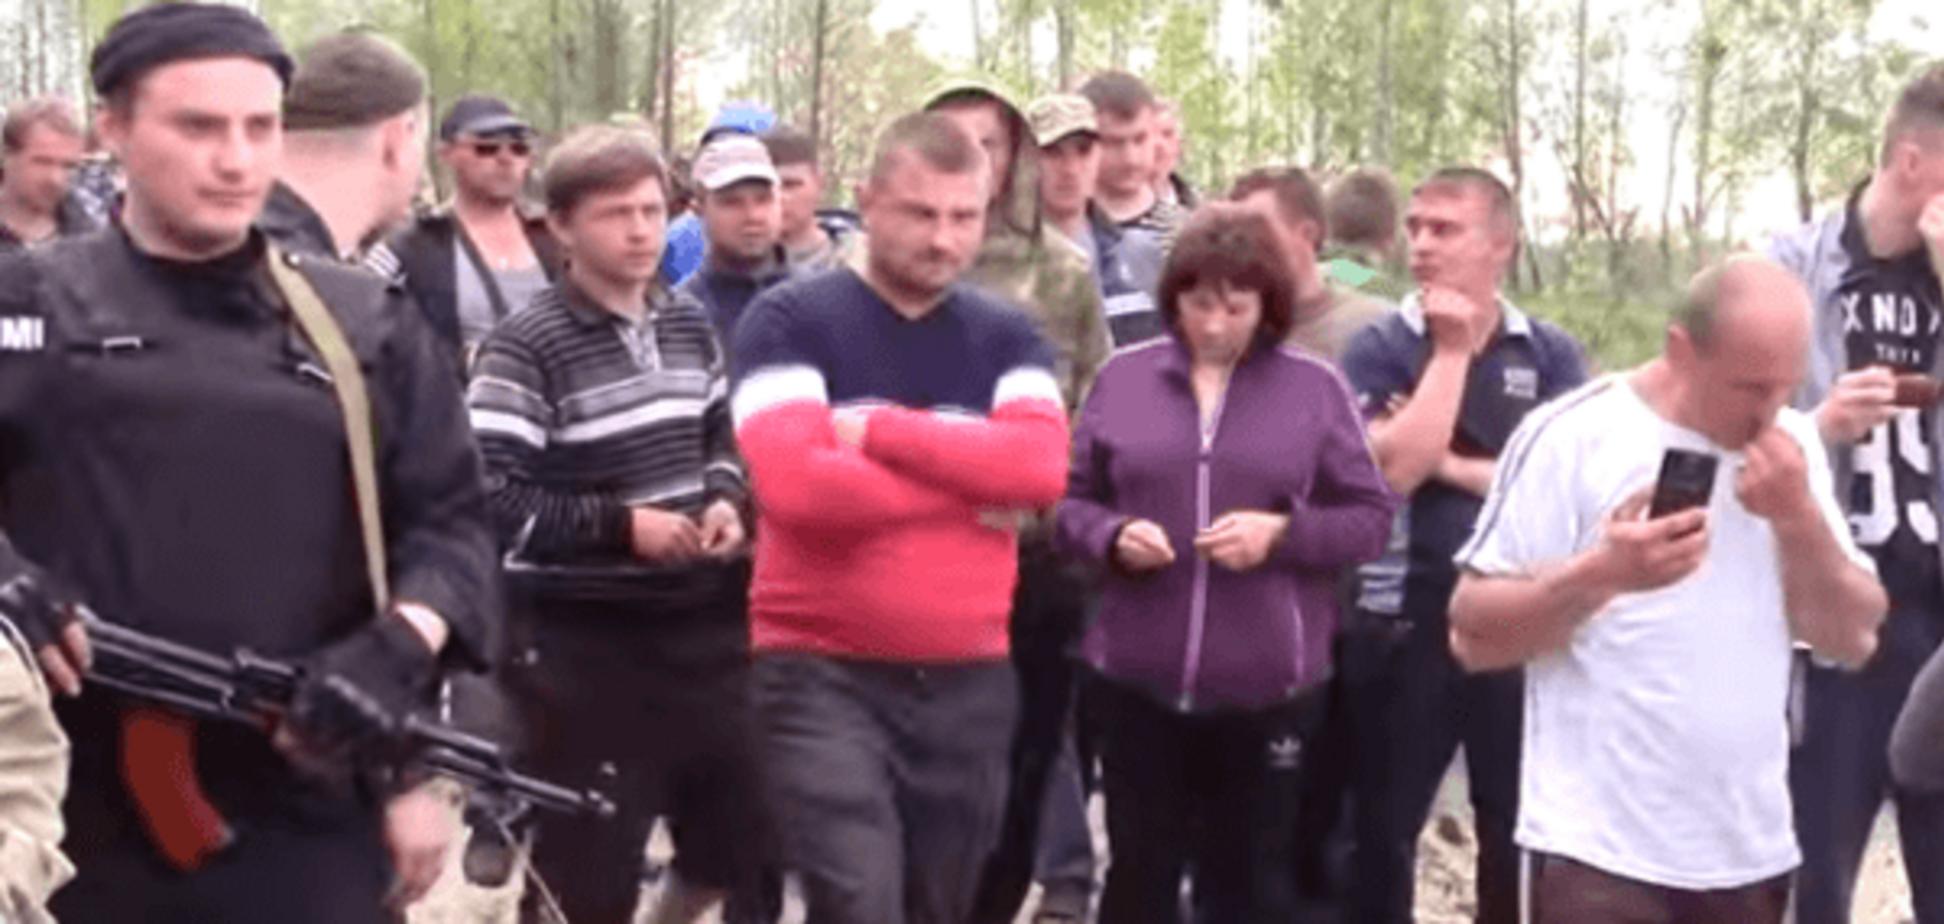 Бурштин vs Україна: село на Волині 'перекреслило' кордон із Білоруссю